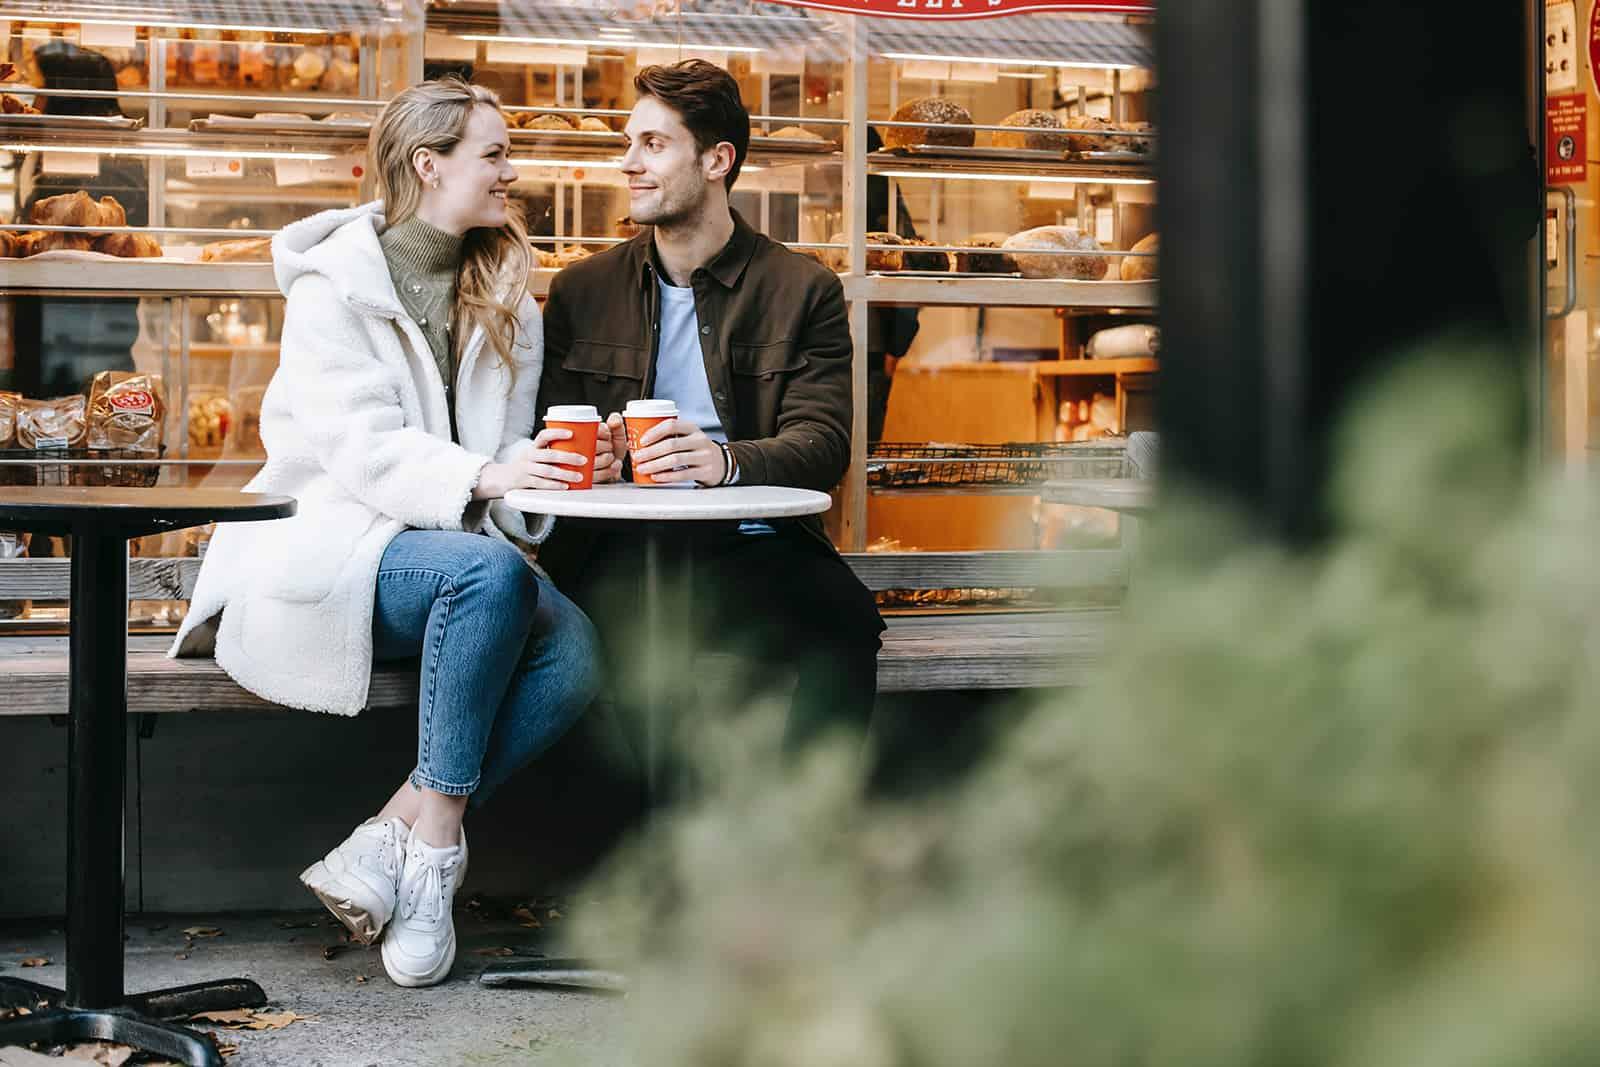 un homme et une femme assis dans un café de rue et se regardant